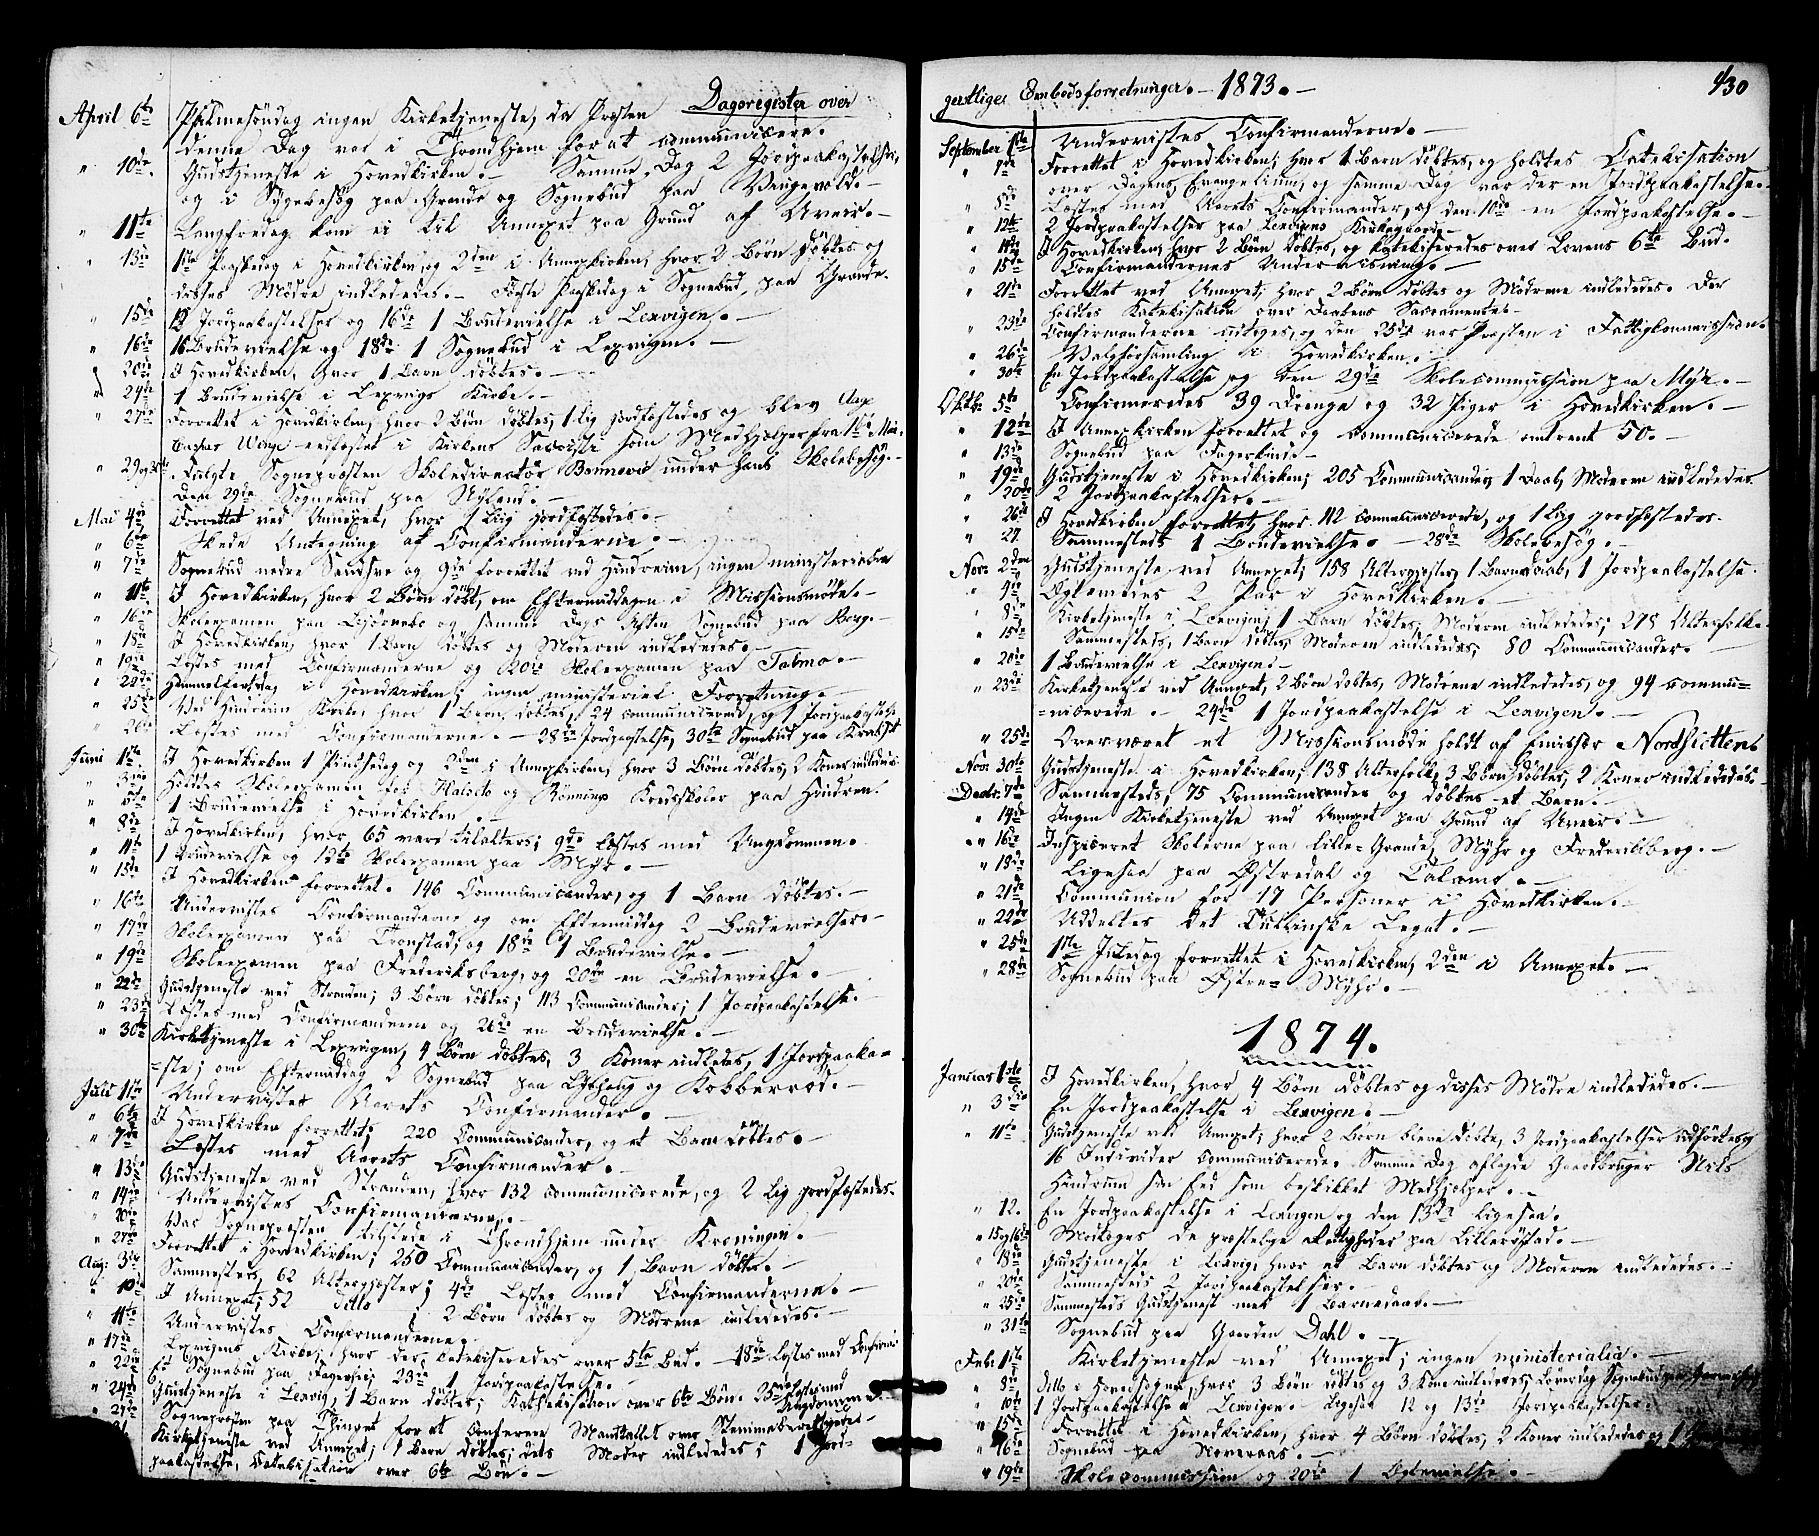 SAT, Ministerialprotokoller, klokkerbøker og fødselsregistre - Nord-Trøndelag, 701/L0009: Ministerialbok nr. 701A09 /1, 1864-1882, s. 430